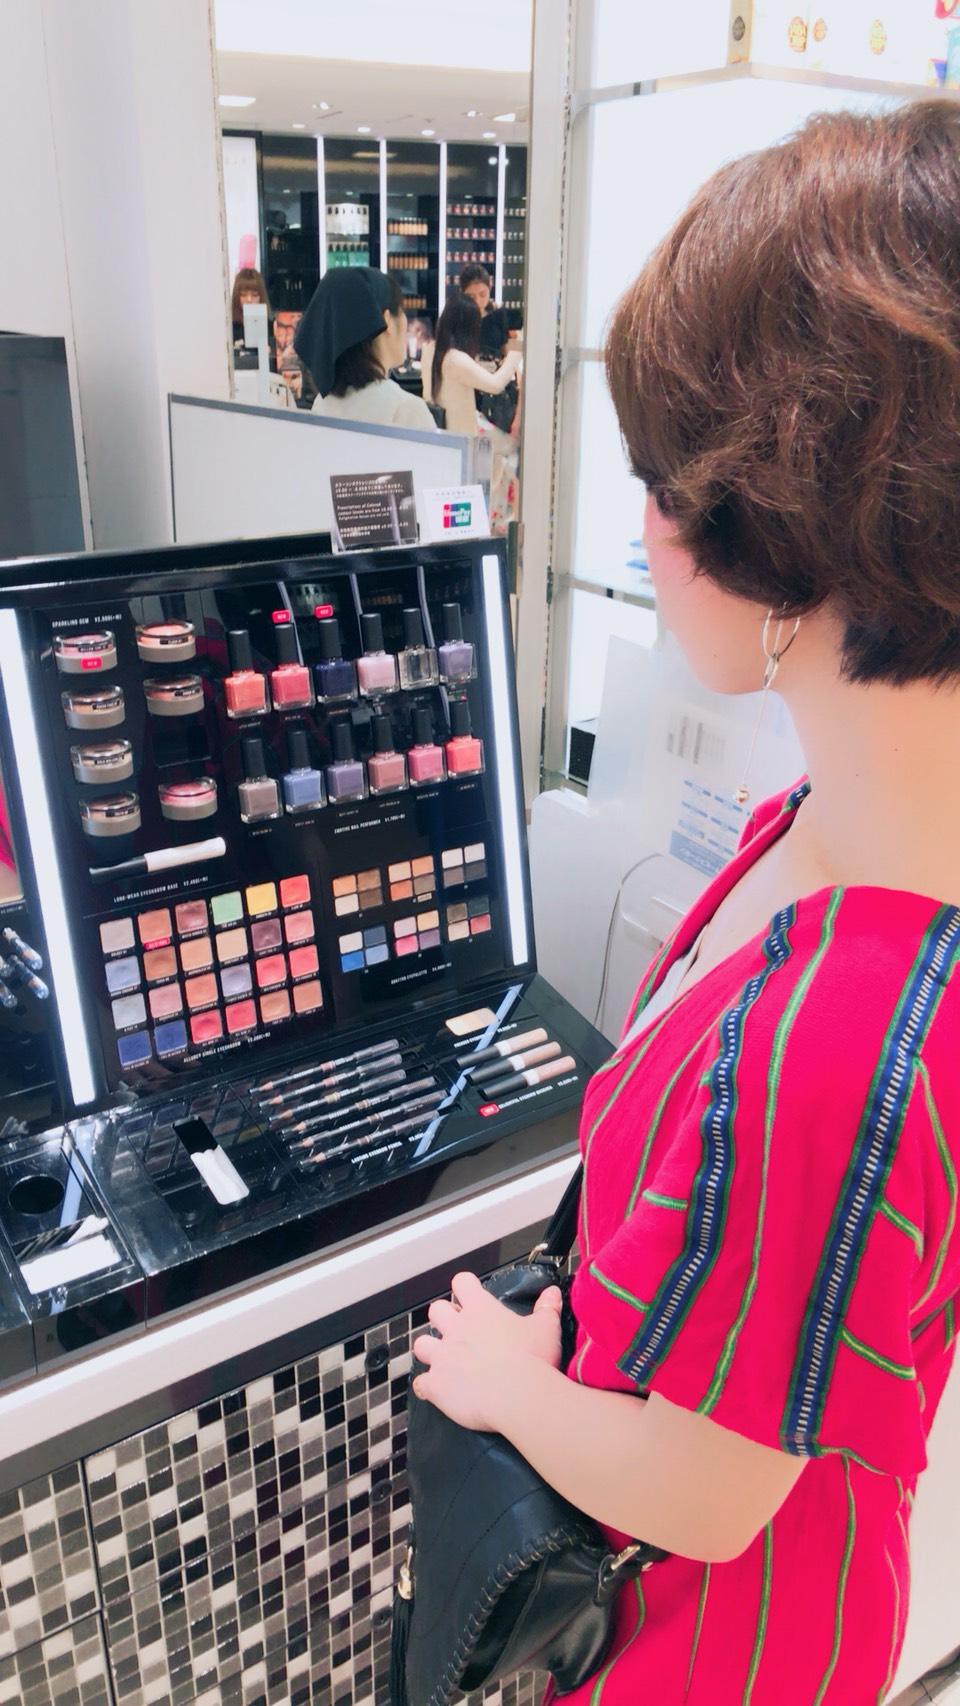 タナカアミが、メイクアップアーティスト黒木絵里のコスメお買い物同行サービスを体験してきた!!